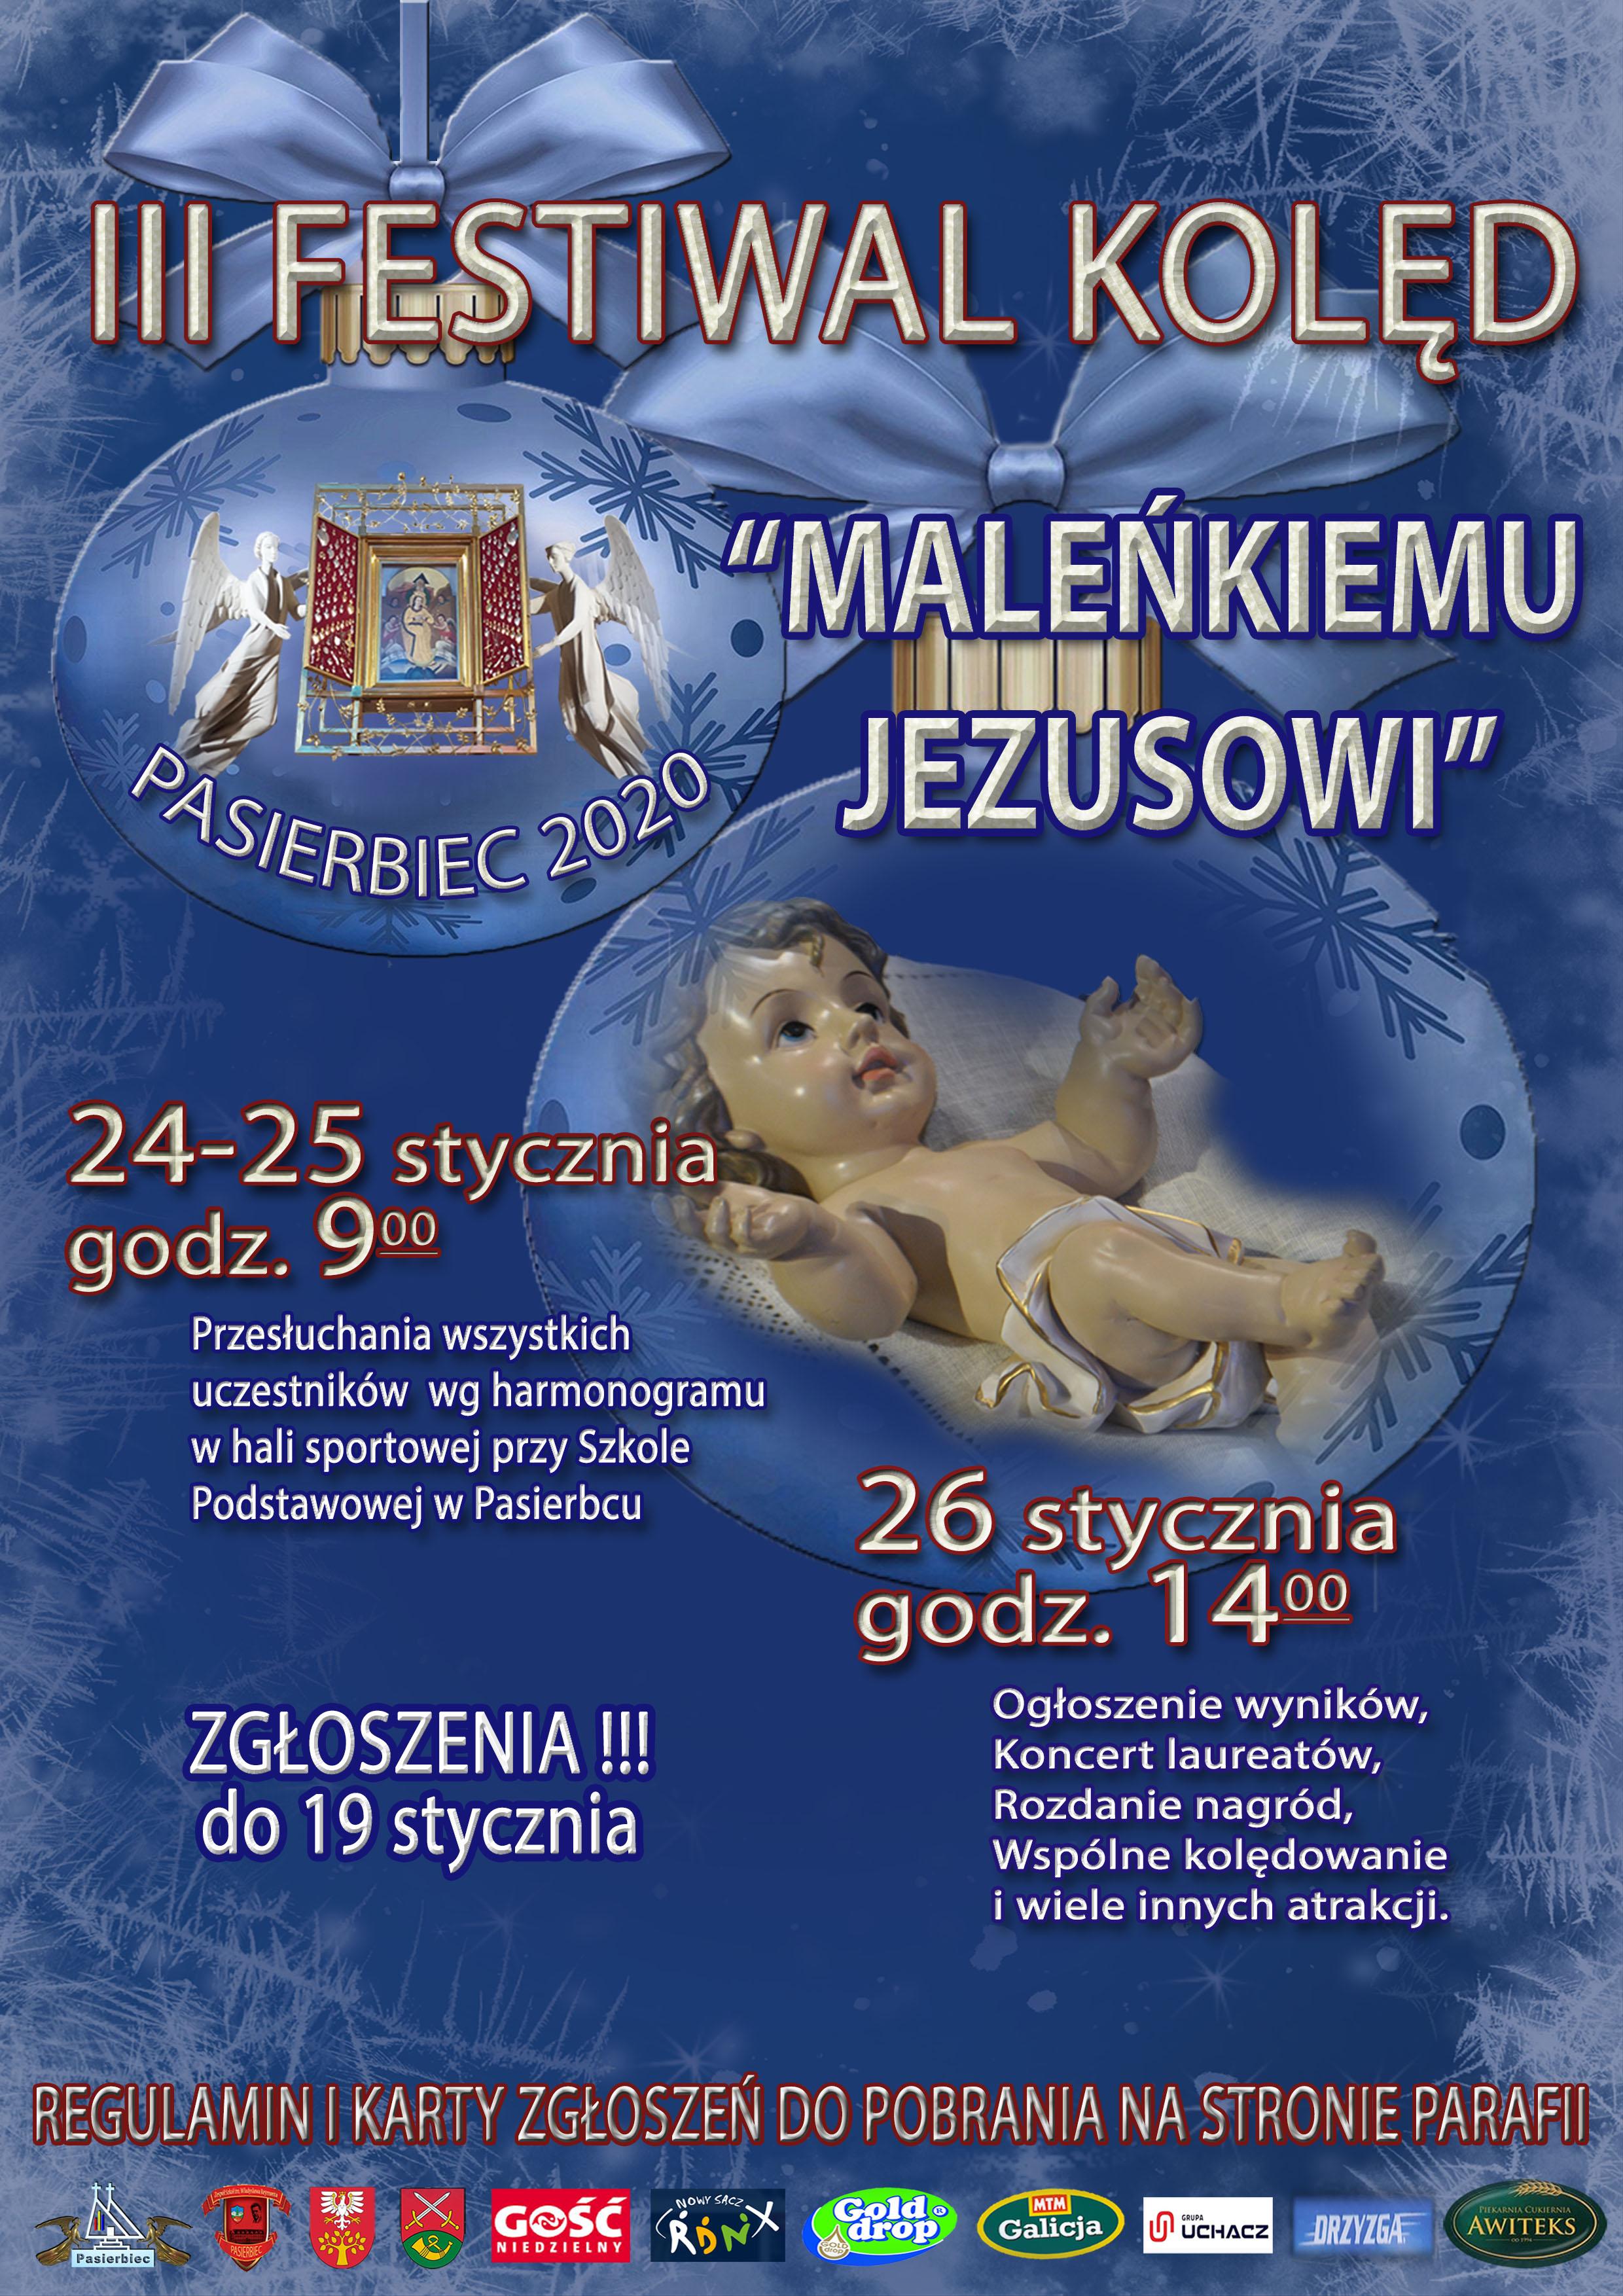 """III Festiwal Kolęd """"Maleńkiemu Jezusowi"""" na Pasierbcu - plakat"""